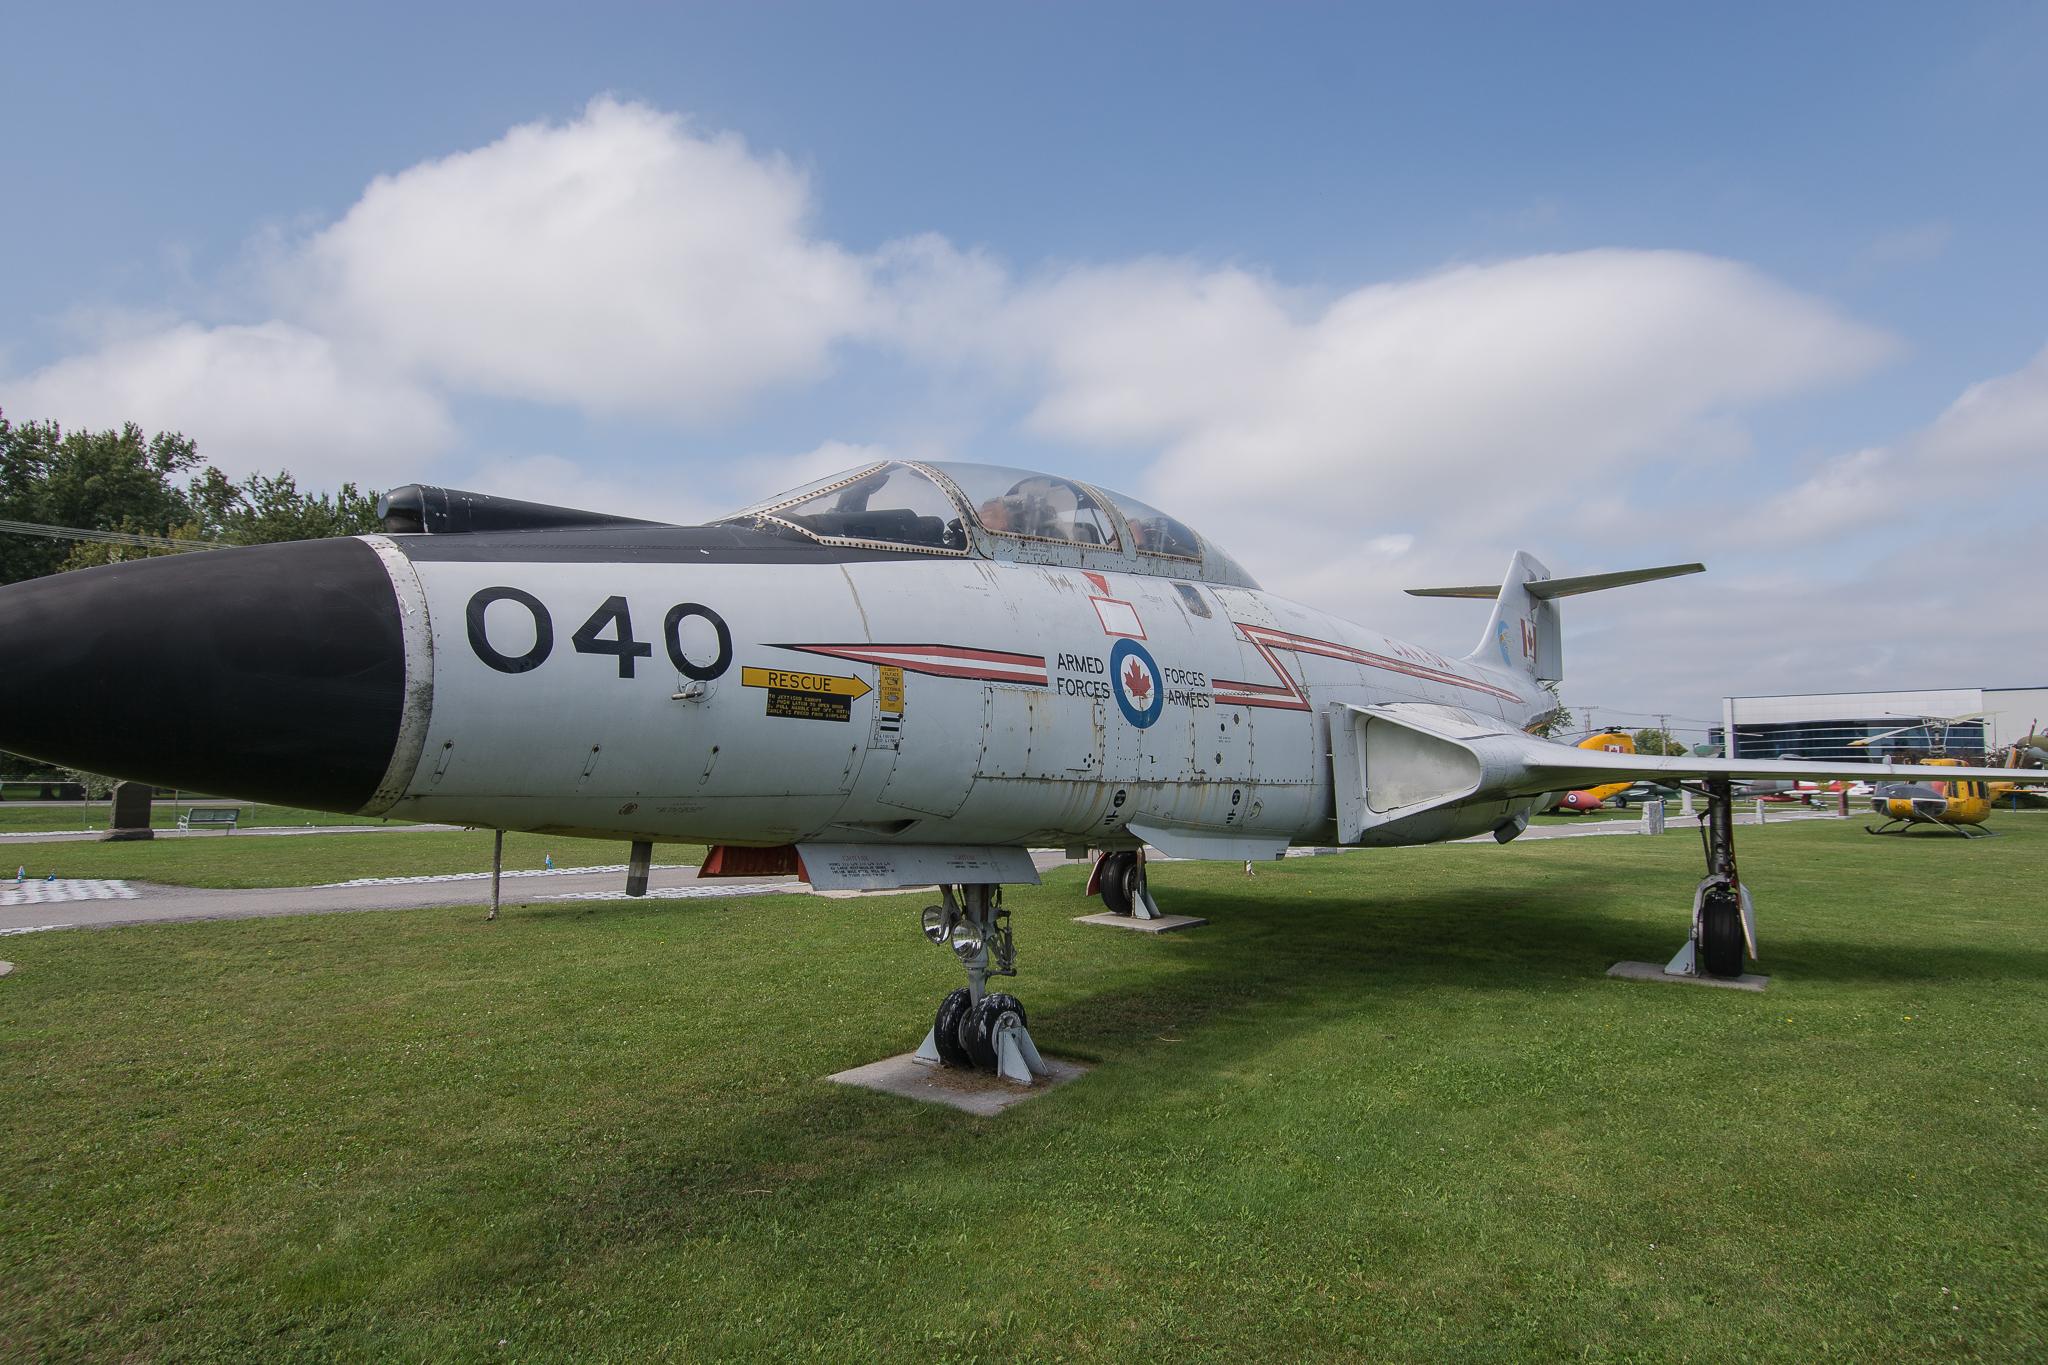 McDonnell Voodoo CF101 (1/800s, f/6.3, ISO100)